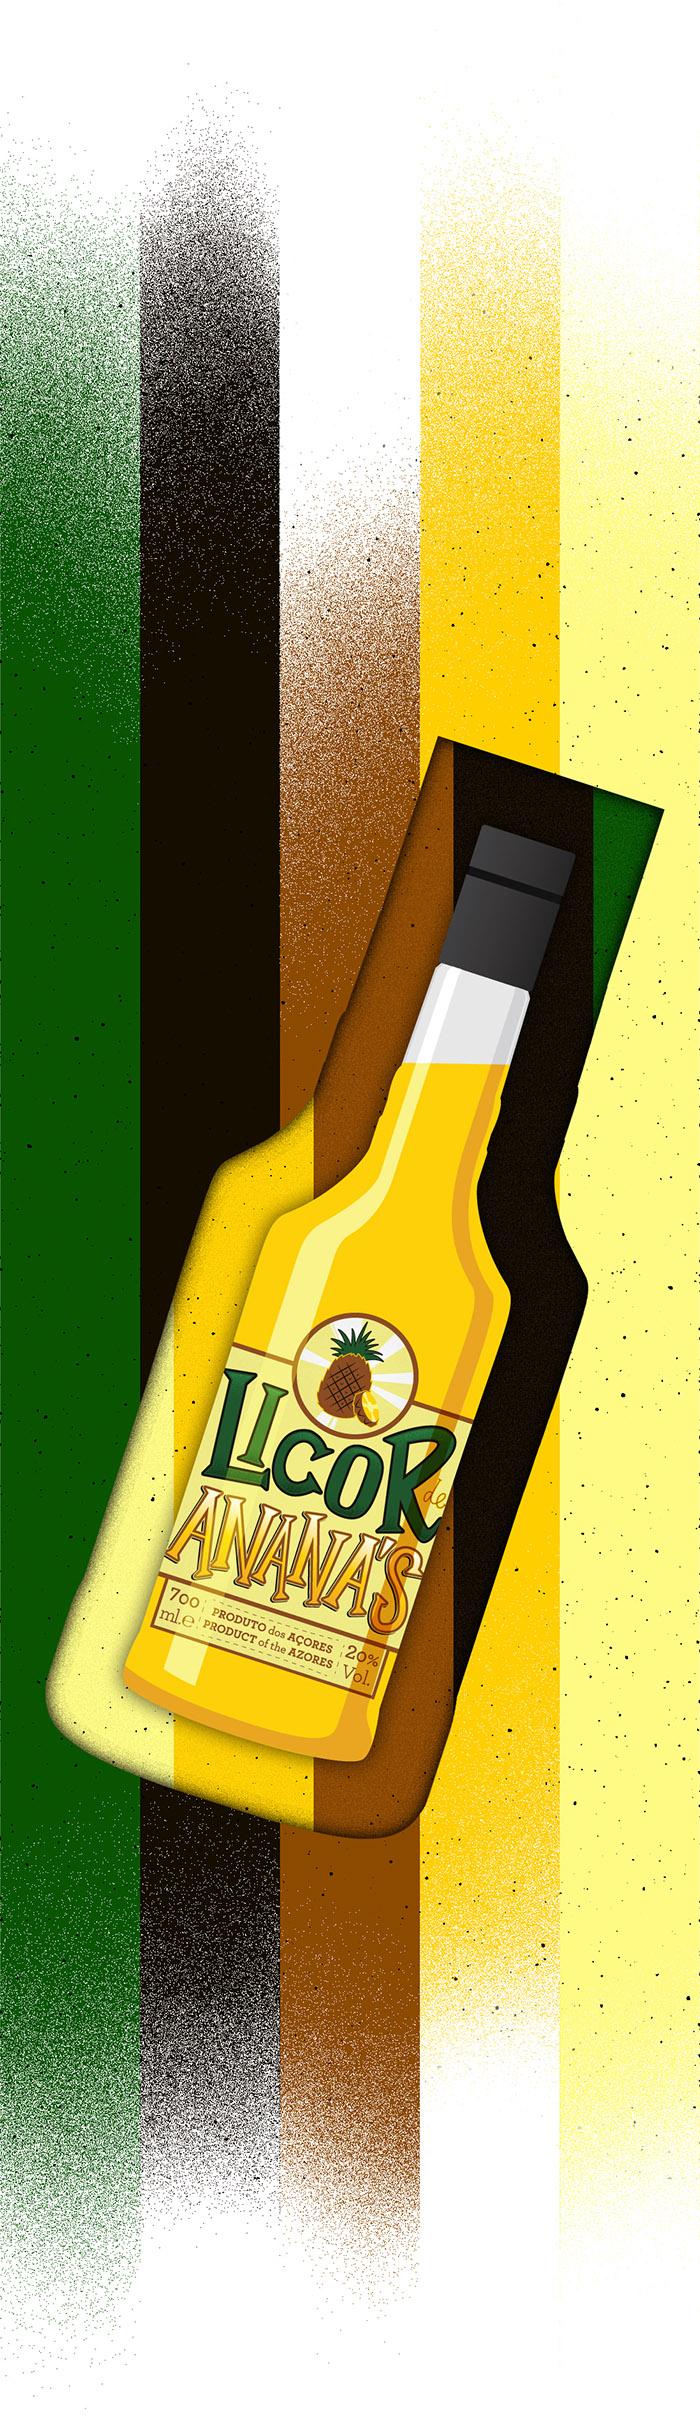 Liqueur labels